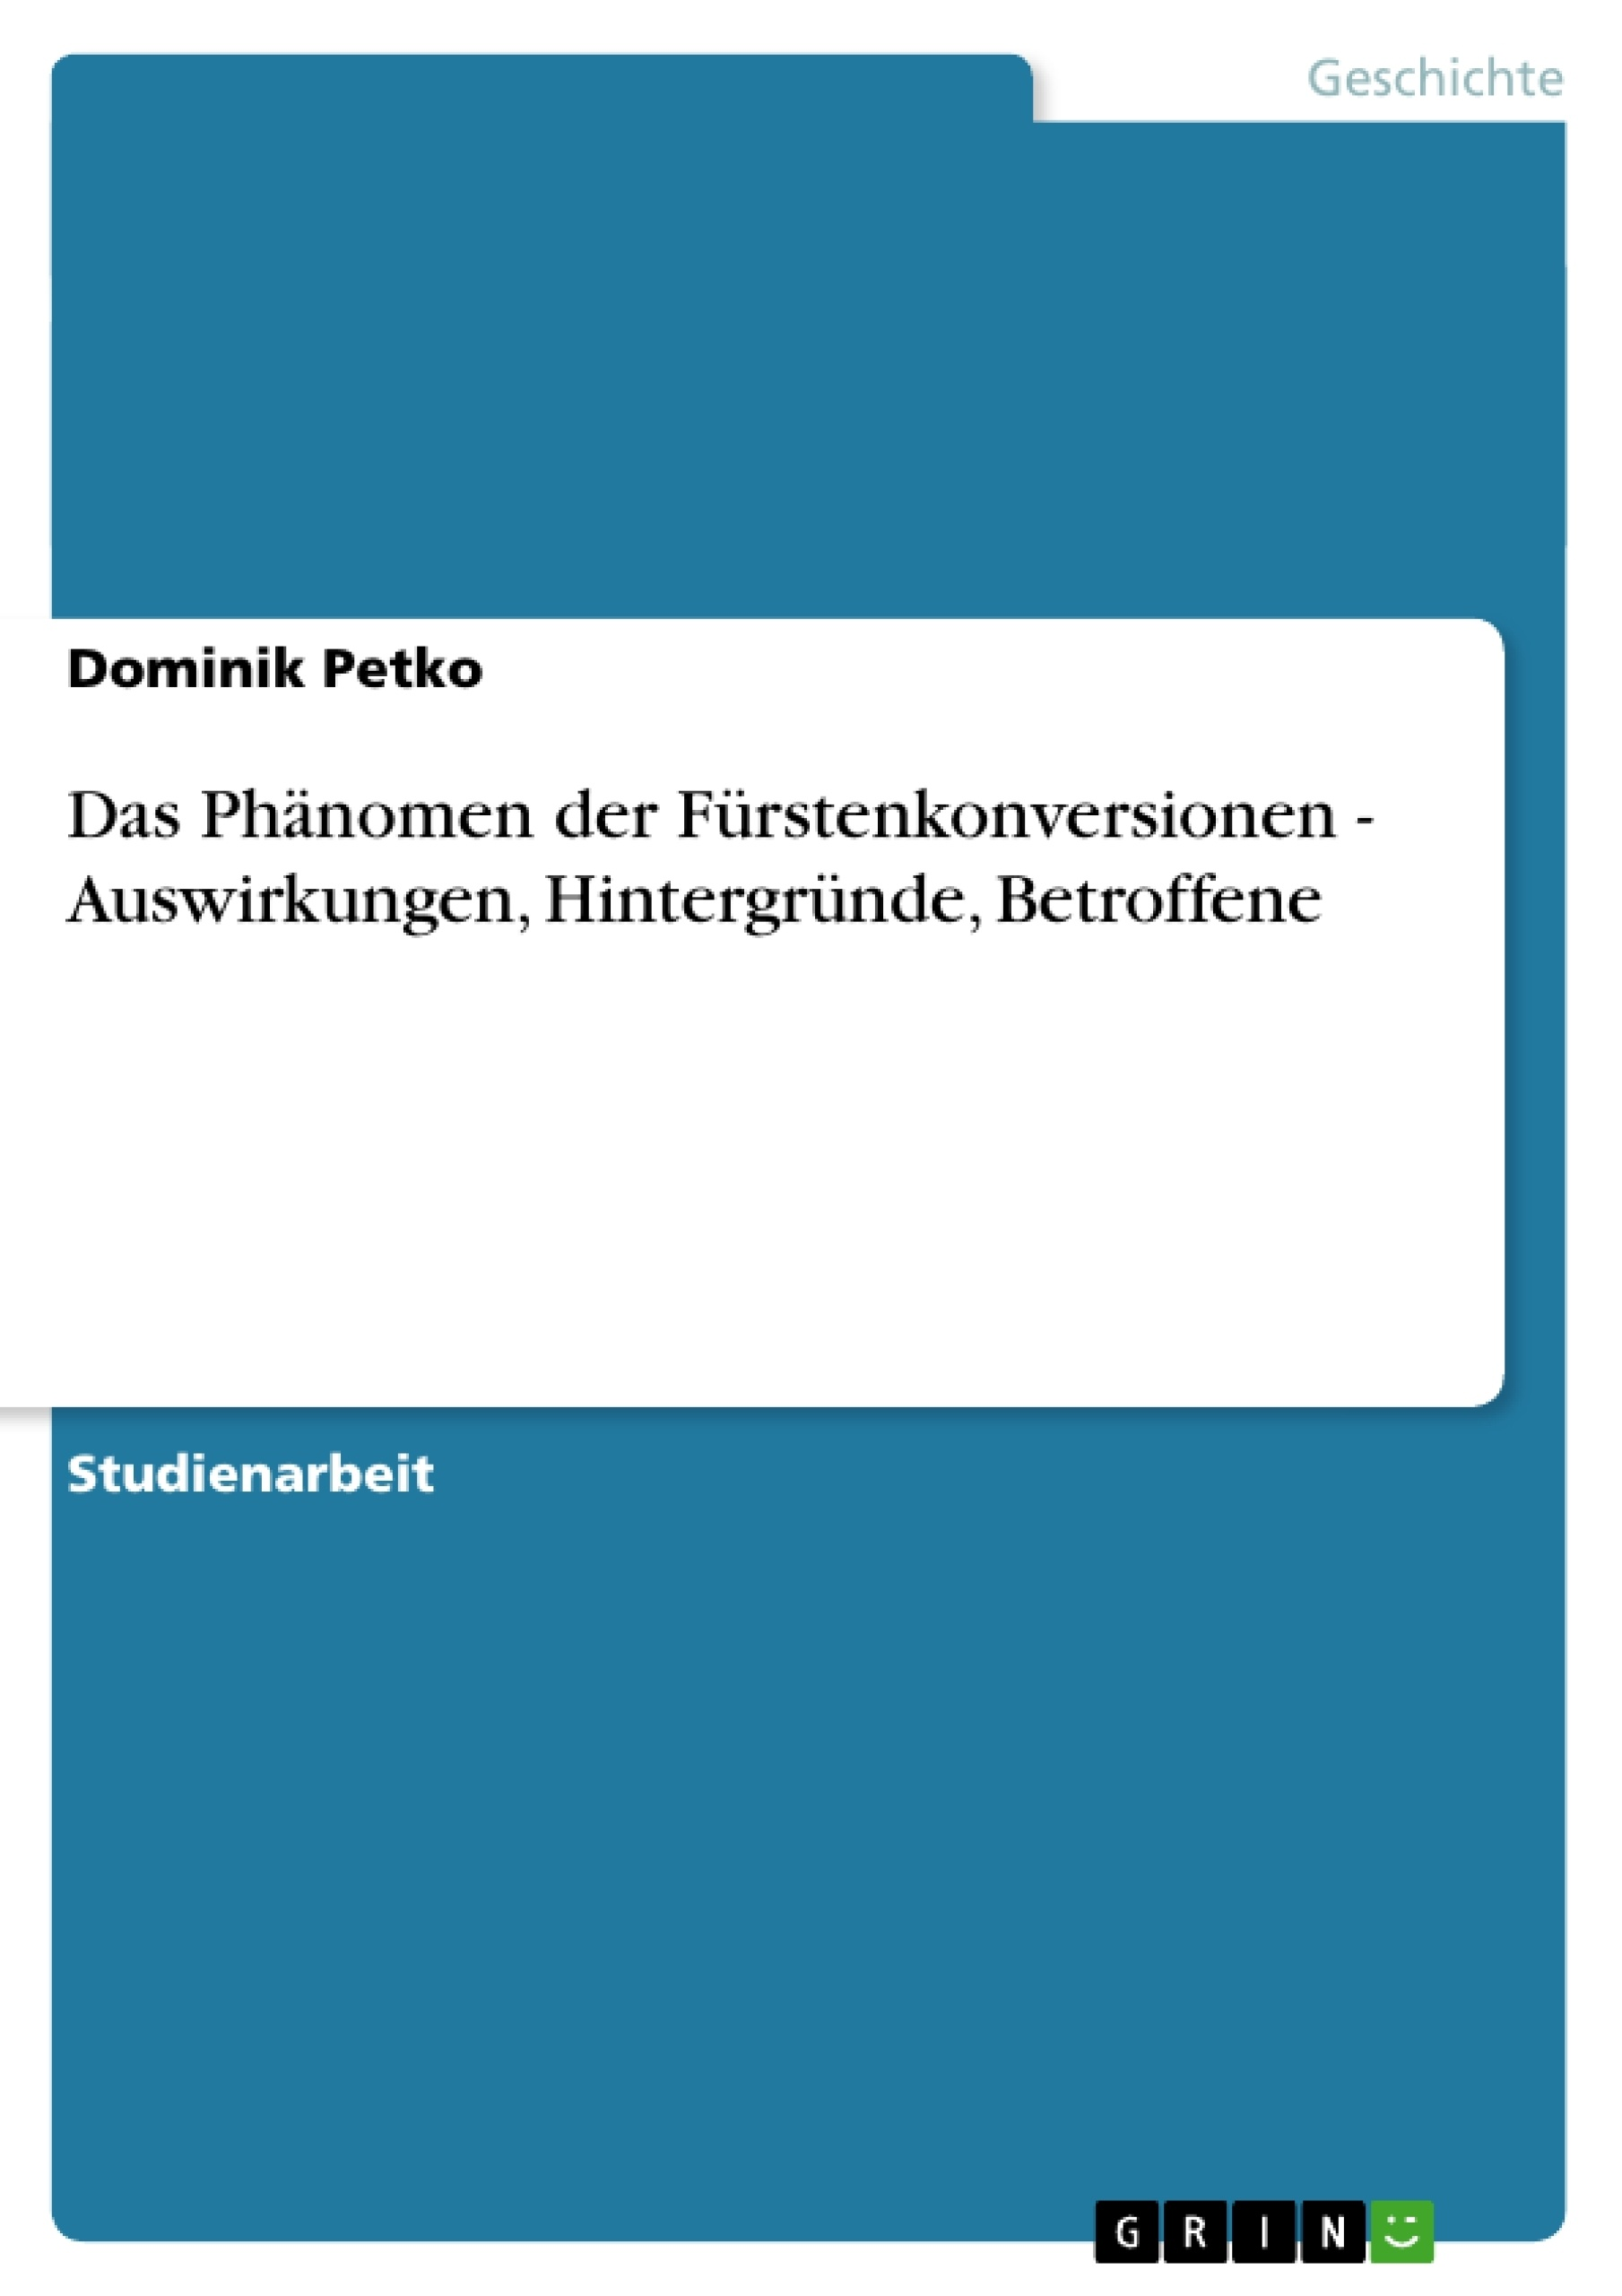 Titel: Das Phänomen der Fürstenkonversionen - Auswirkungen, Hintergründe, Betroffene